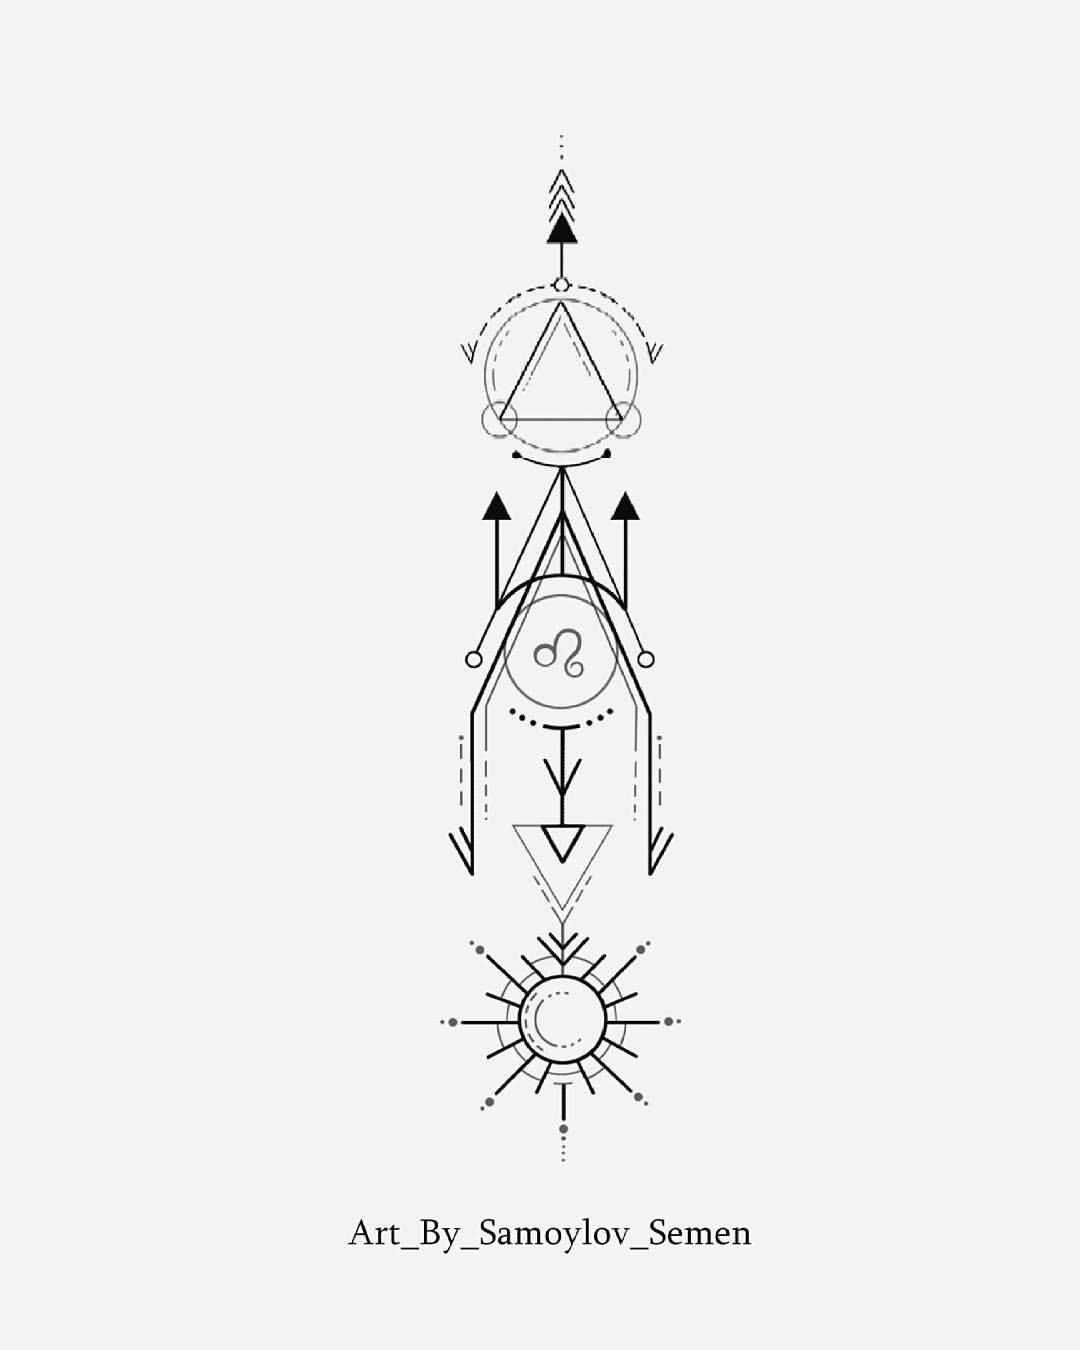 эскиз геометрия два свободный дизайна эскиза со знаком зодиака